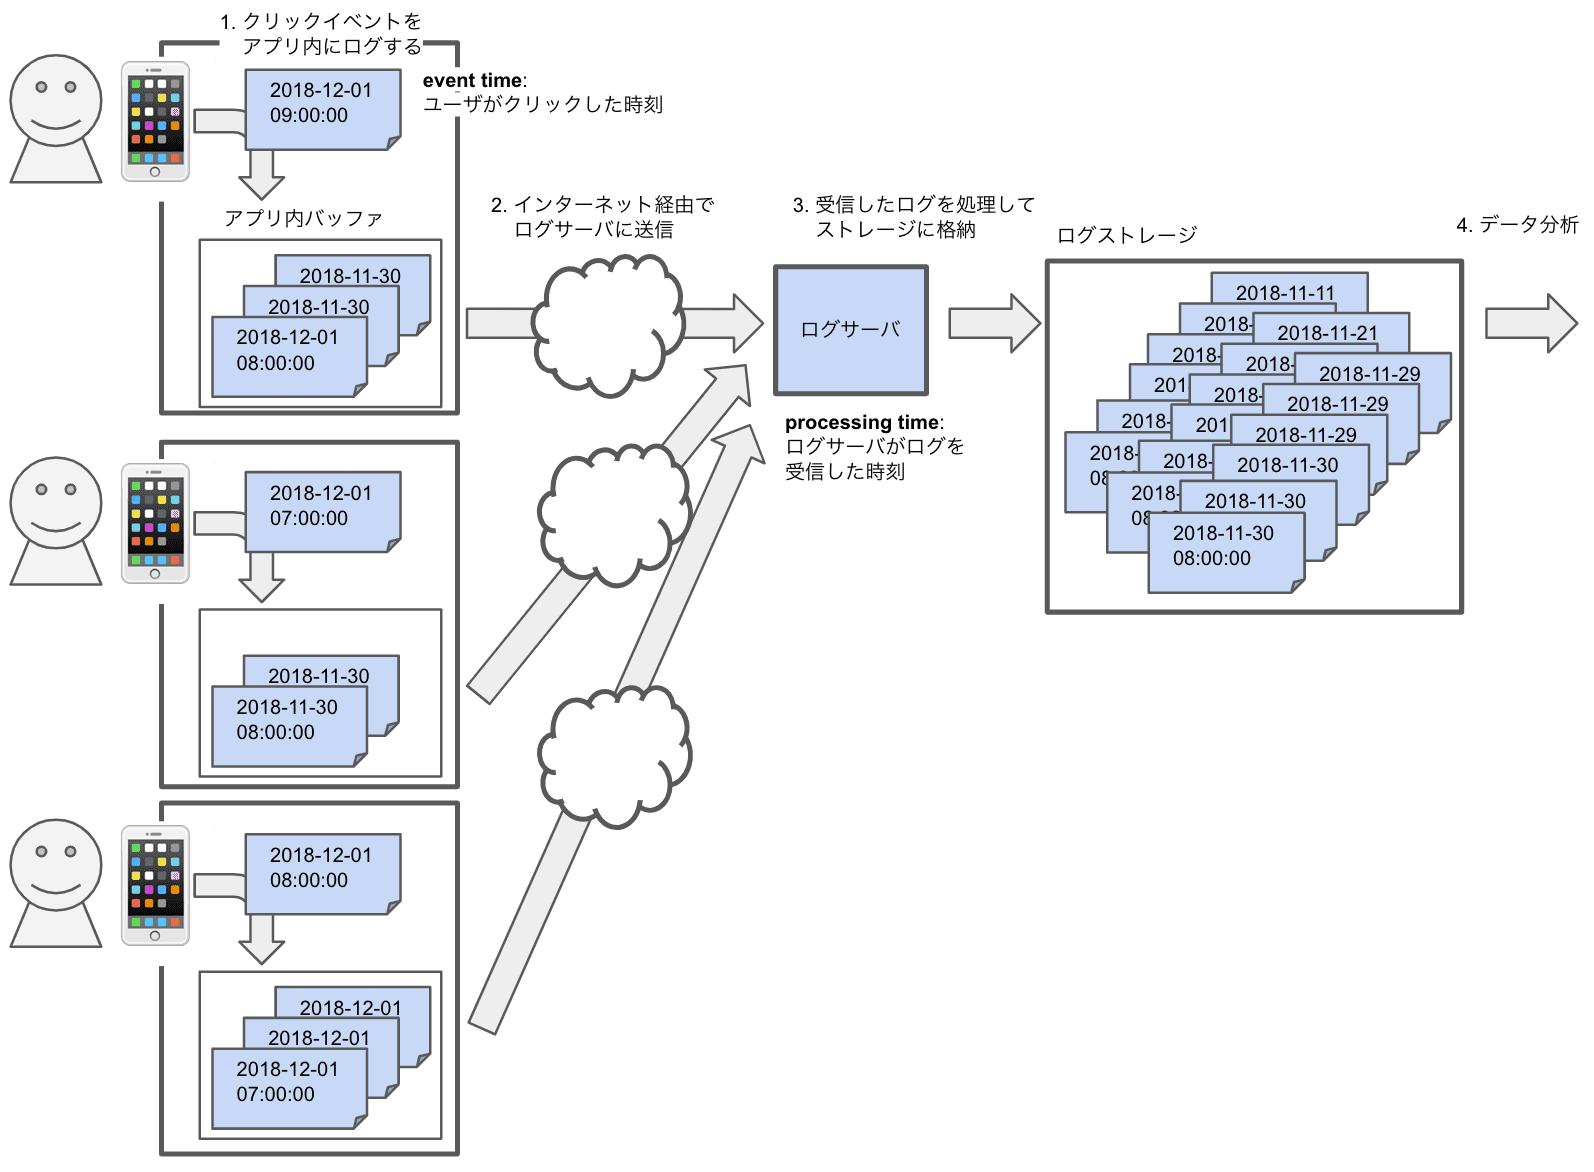 processing timeに基づくデータの保存